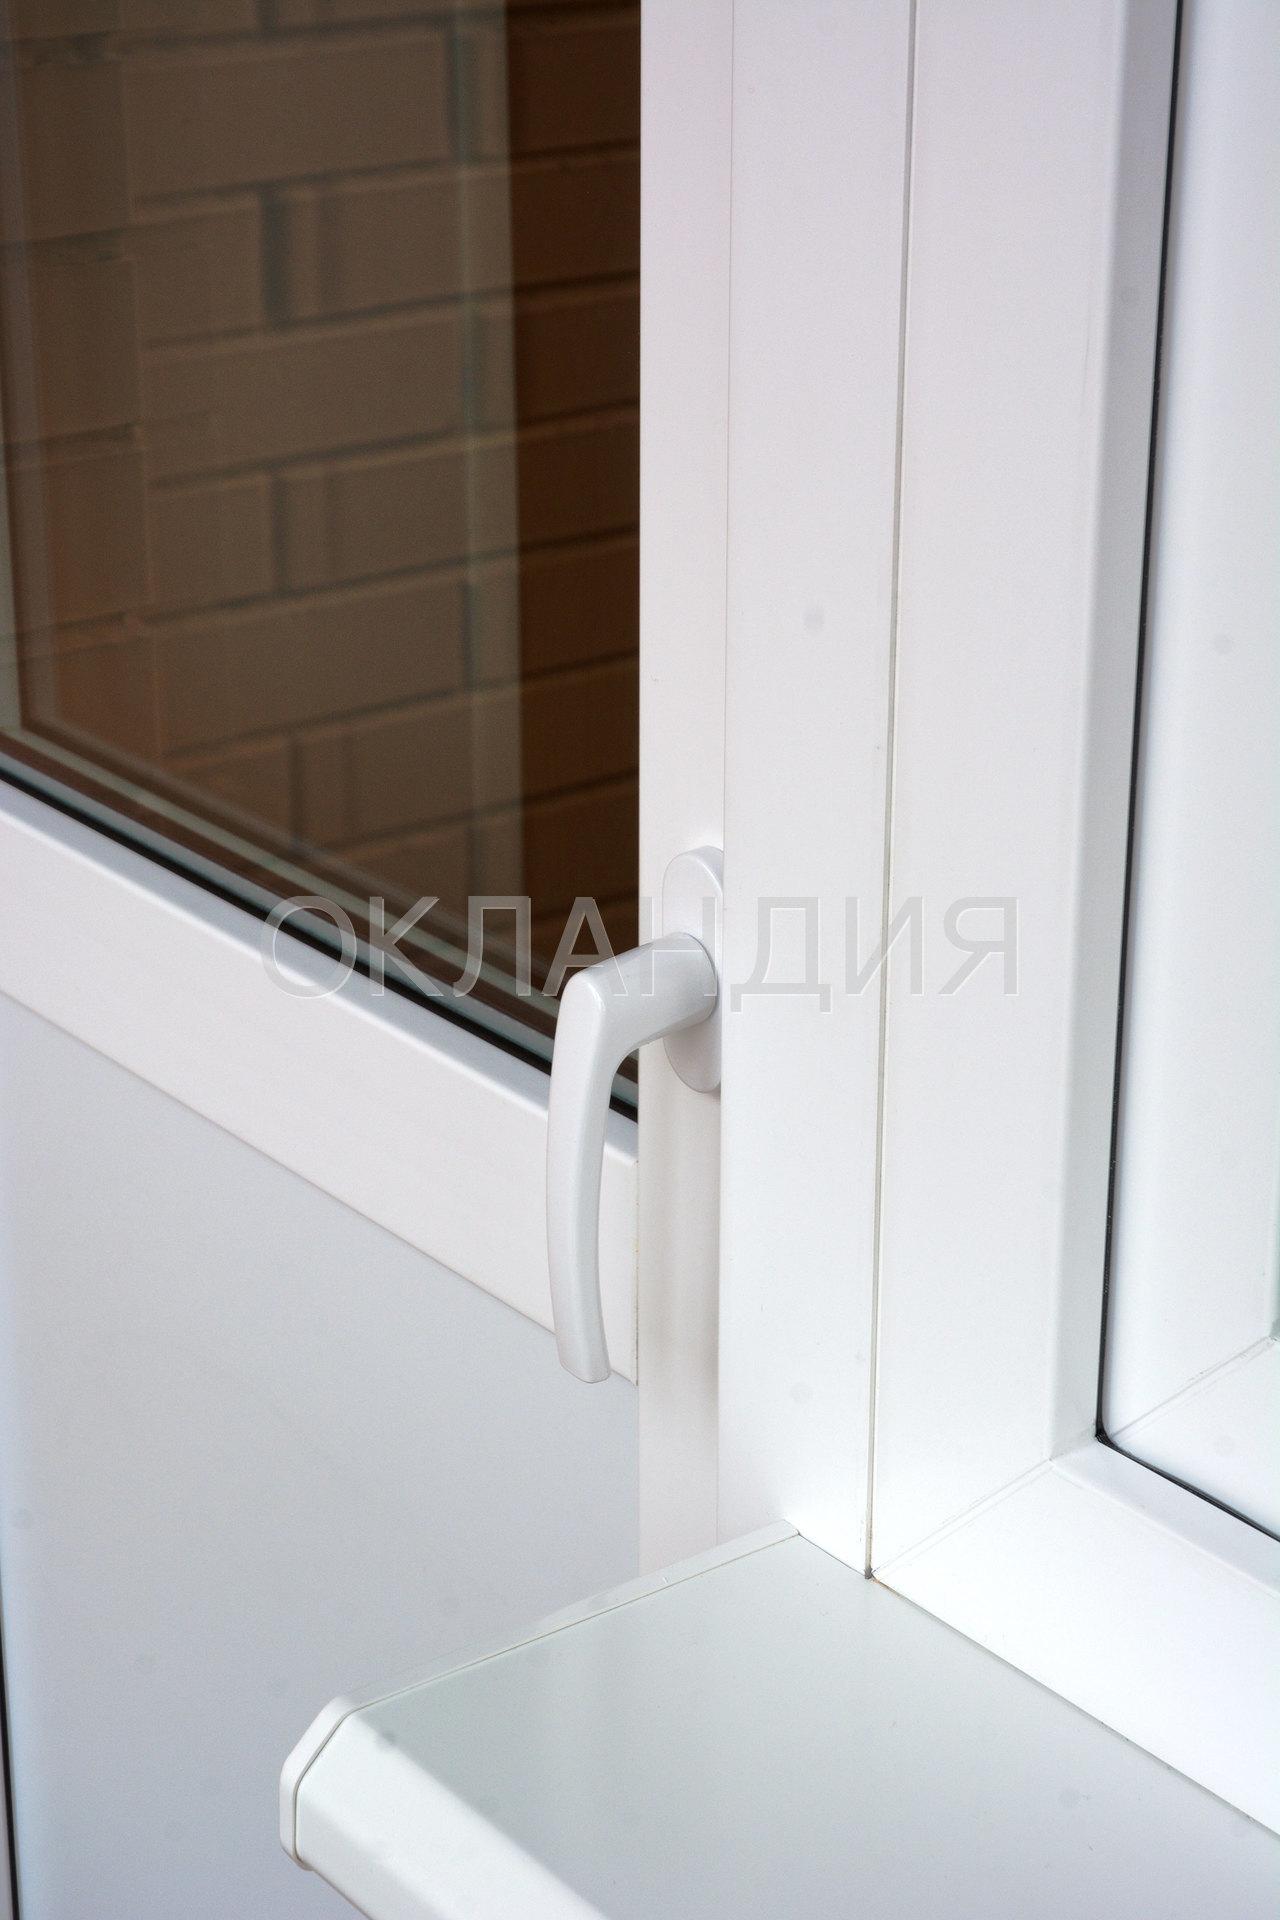 Фотогалерея наших работ по установке окон и дверей пвх, окла.